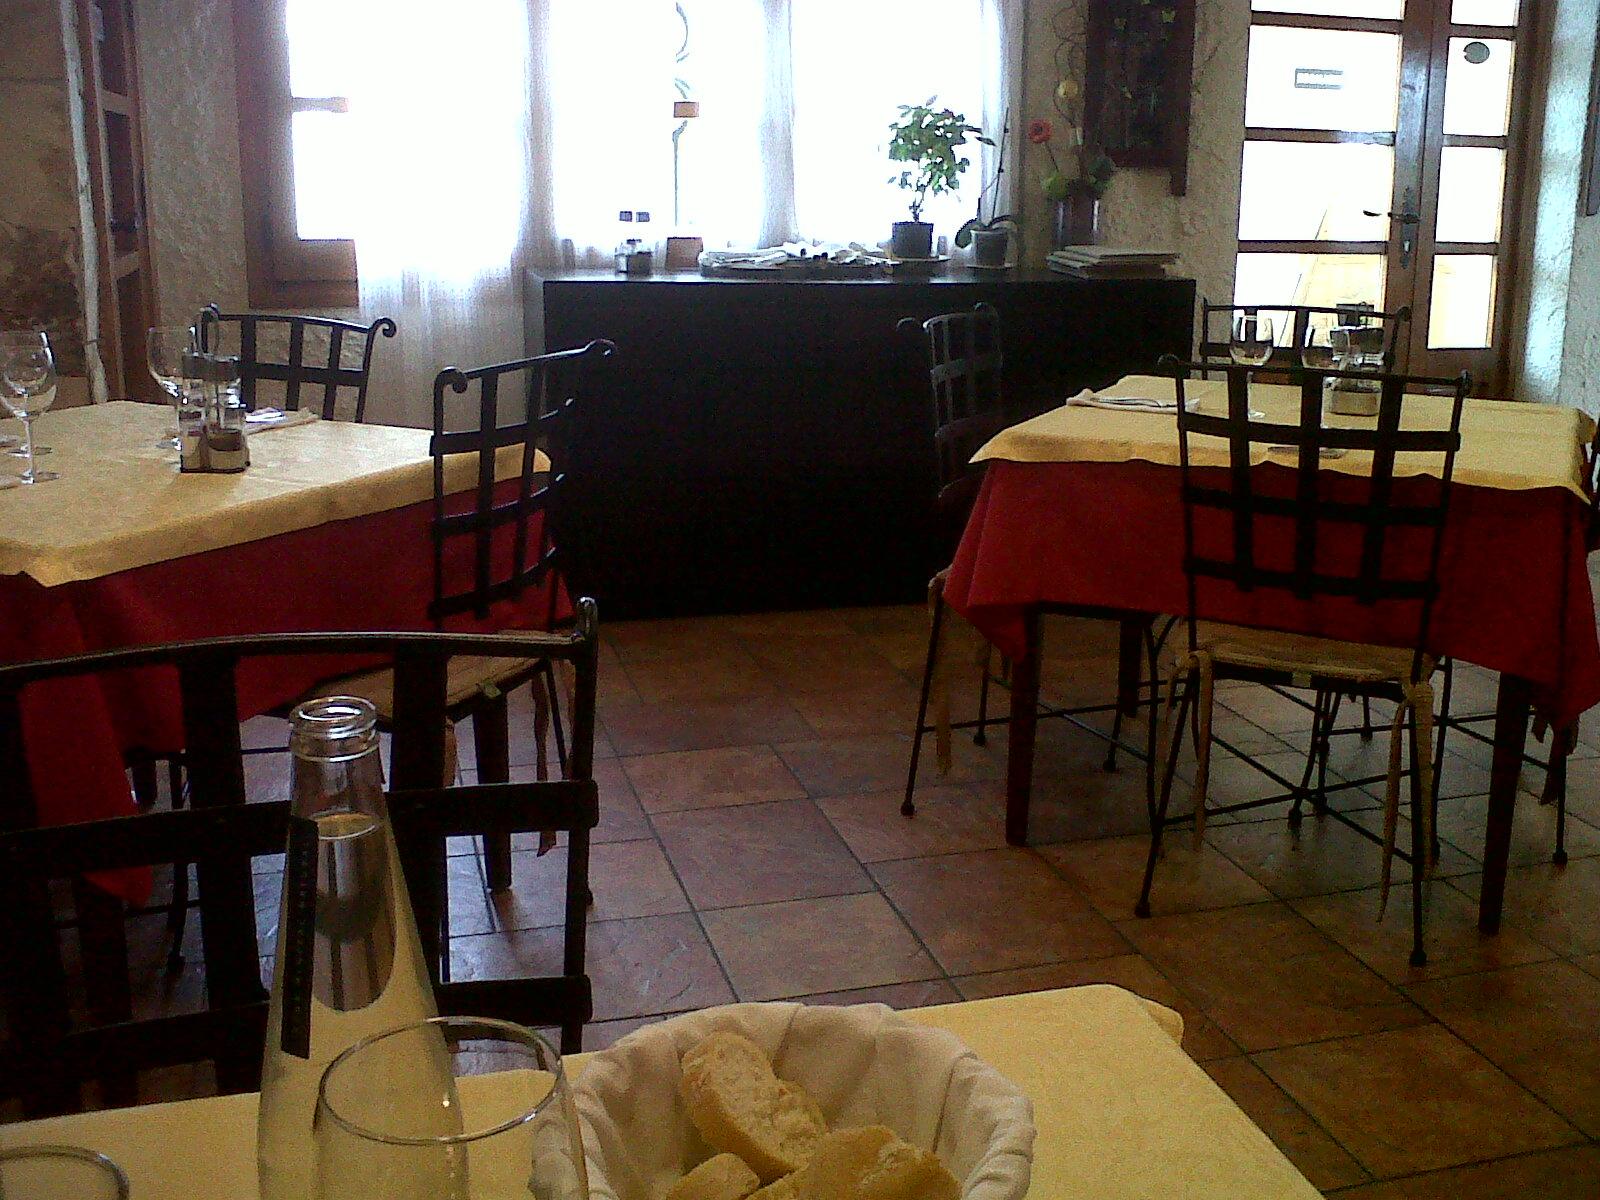 Gula gastron mica casa font de l 39 alzina sant lloren d 39 hortons barcelona - Restaurante materia prima sant cugat ...